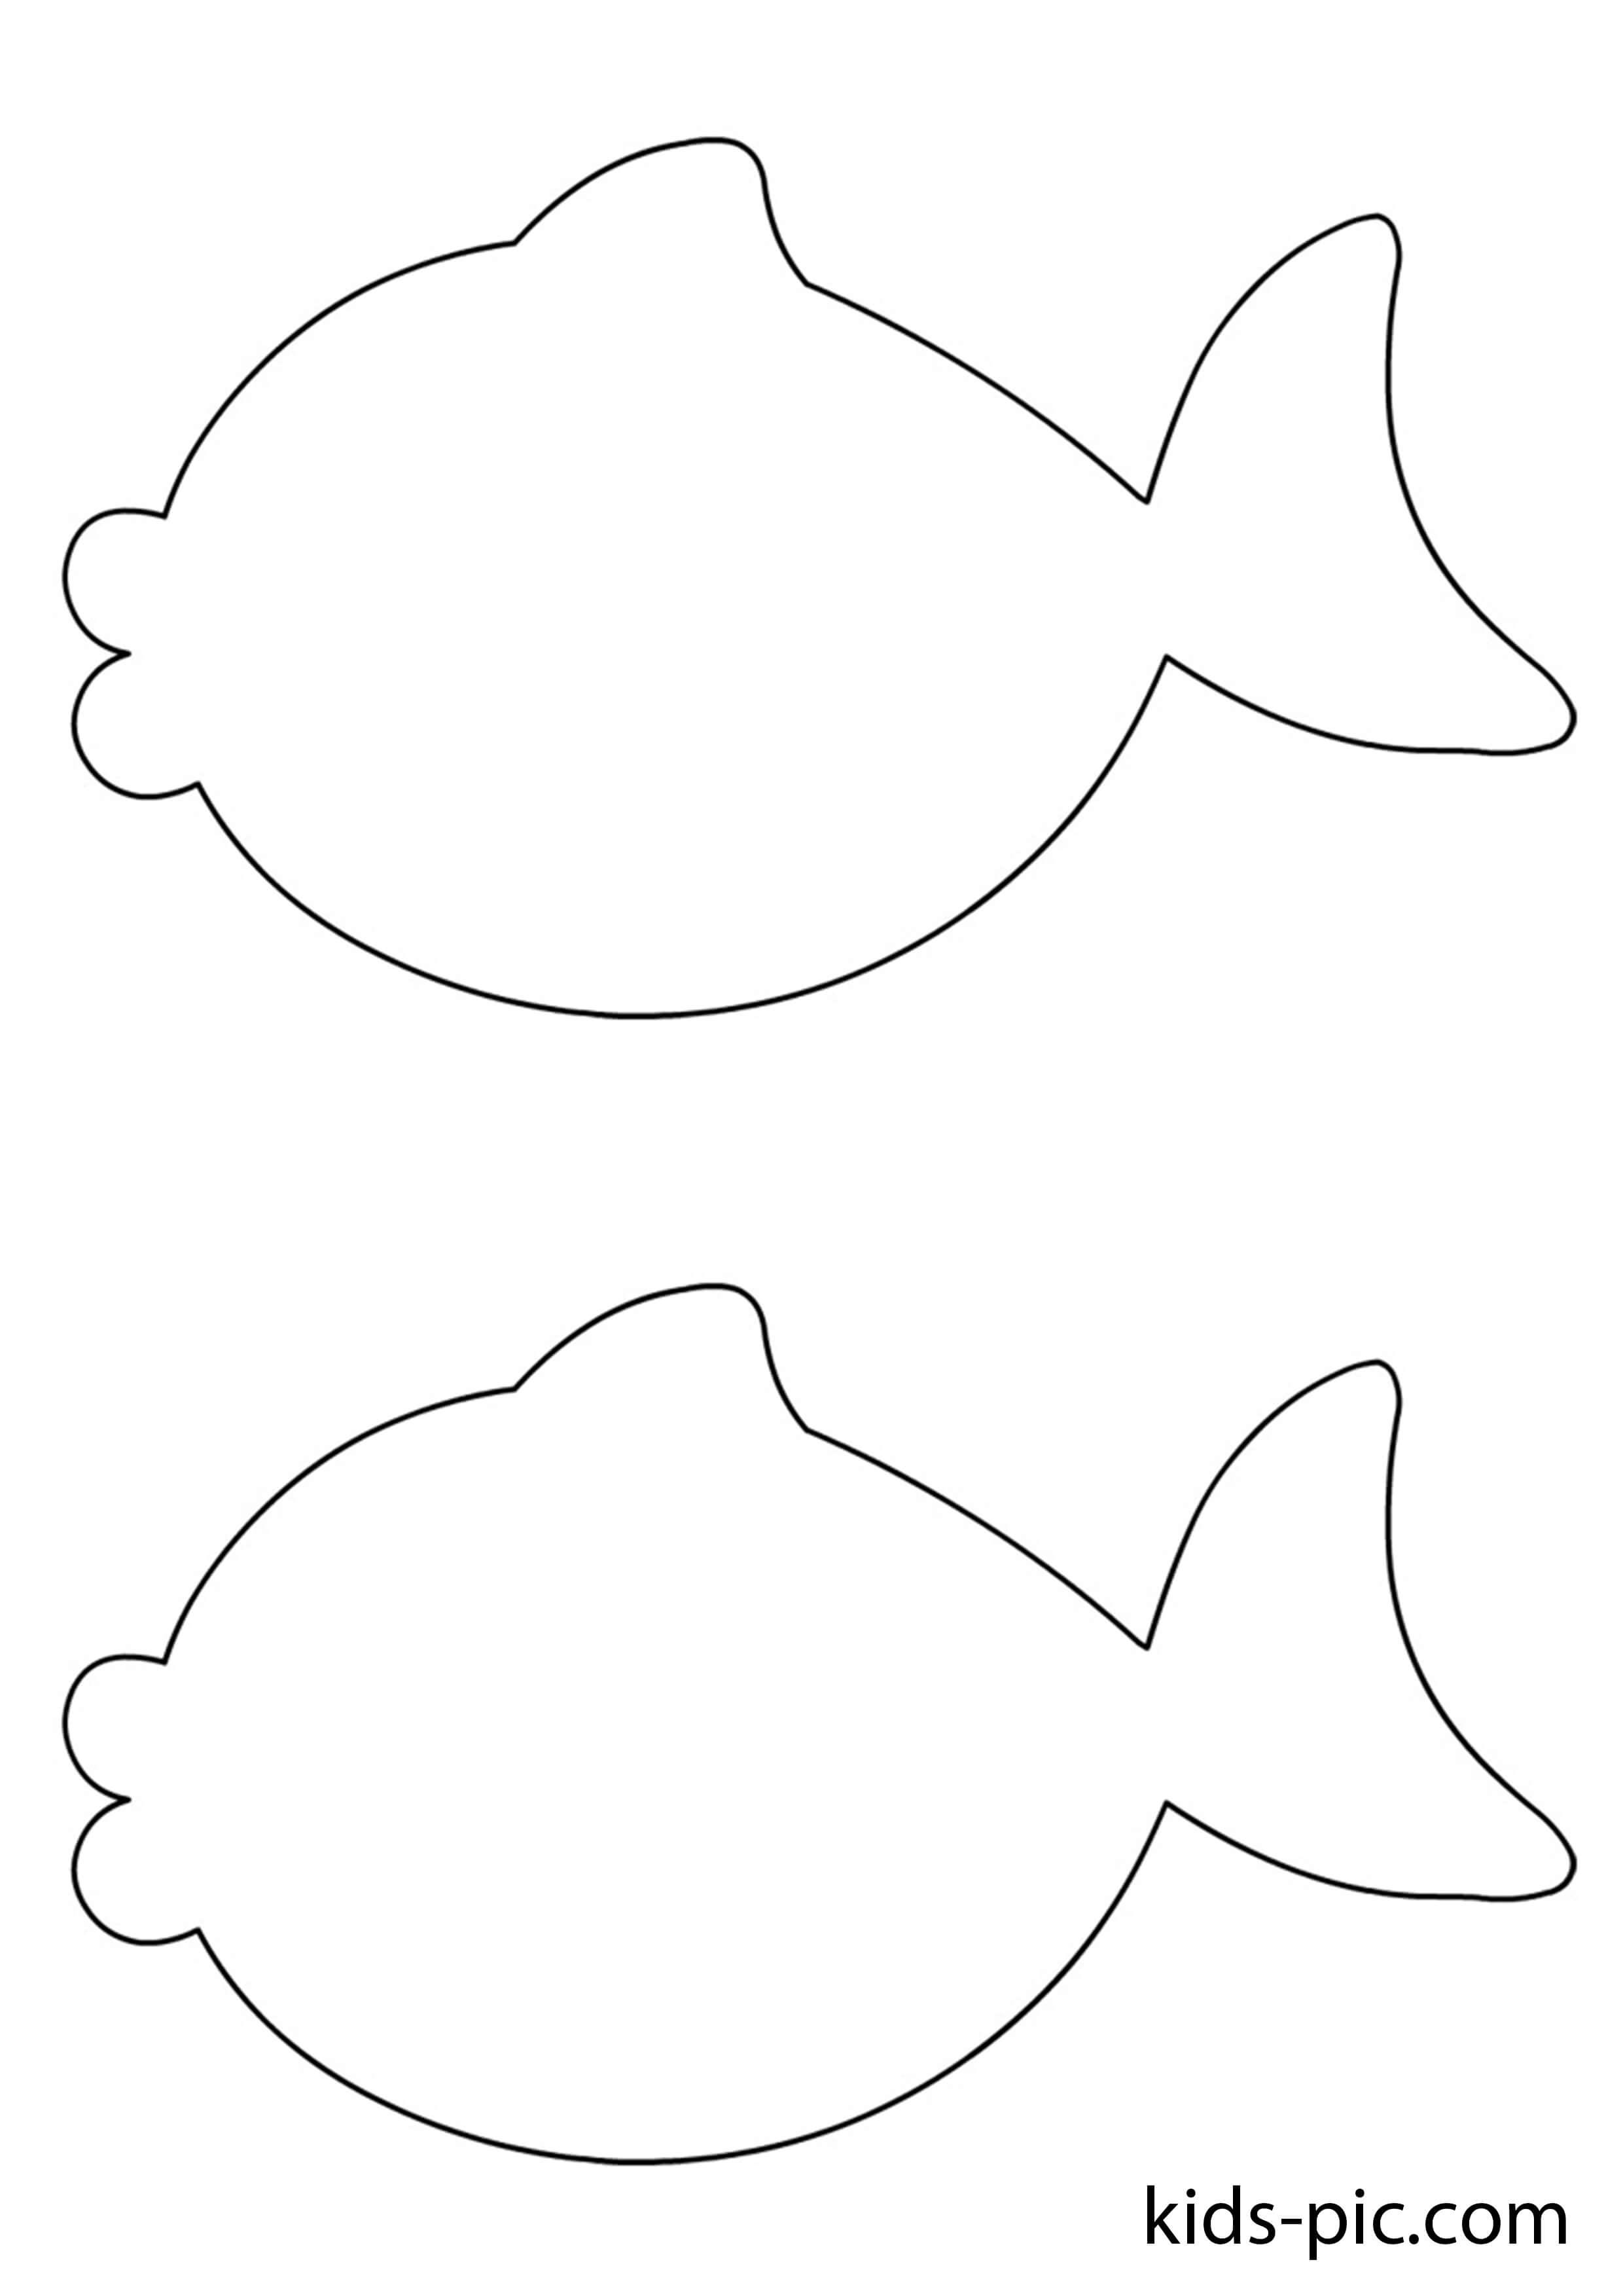 Поделки из крупы своими руками: пошаговая инструкция как сделать красивую поделку